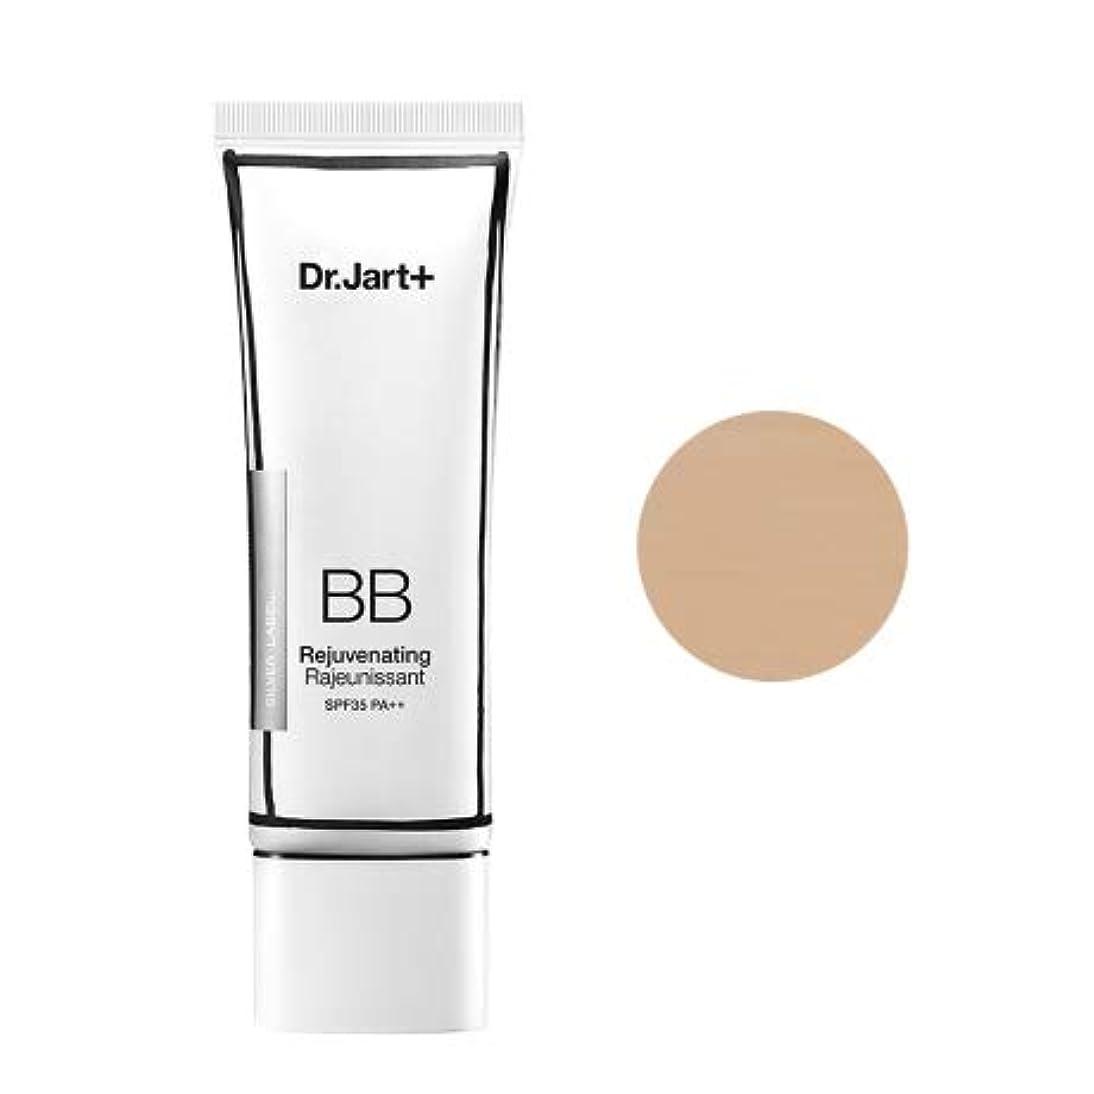 降伏不規則性可能性[Upgrade] Dr.Jart+Dermakeup Rejuvenating Beauty Balm SPF35 PA++ 50ml /ドクタージャルトゥザメーキャップリージュビネイティンビューティーバーム SPF35...